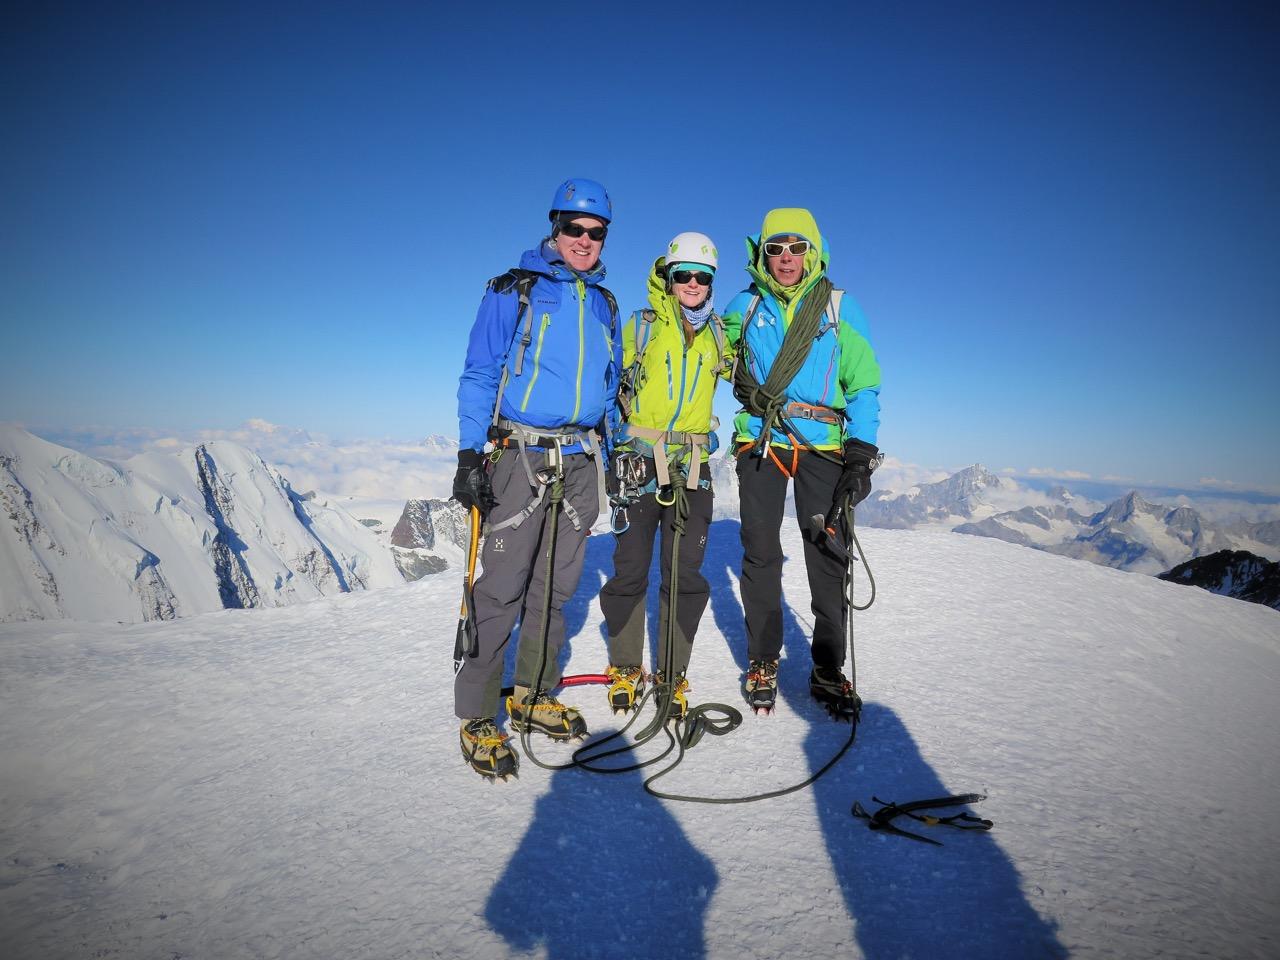 trotz Kälte & WInd geschafft - Zumsteinspitze 4563m!